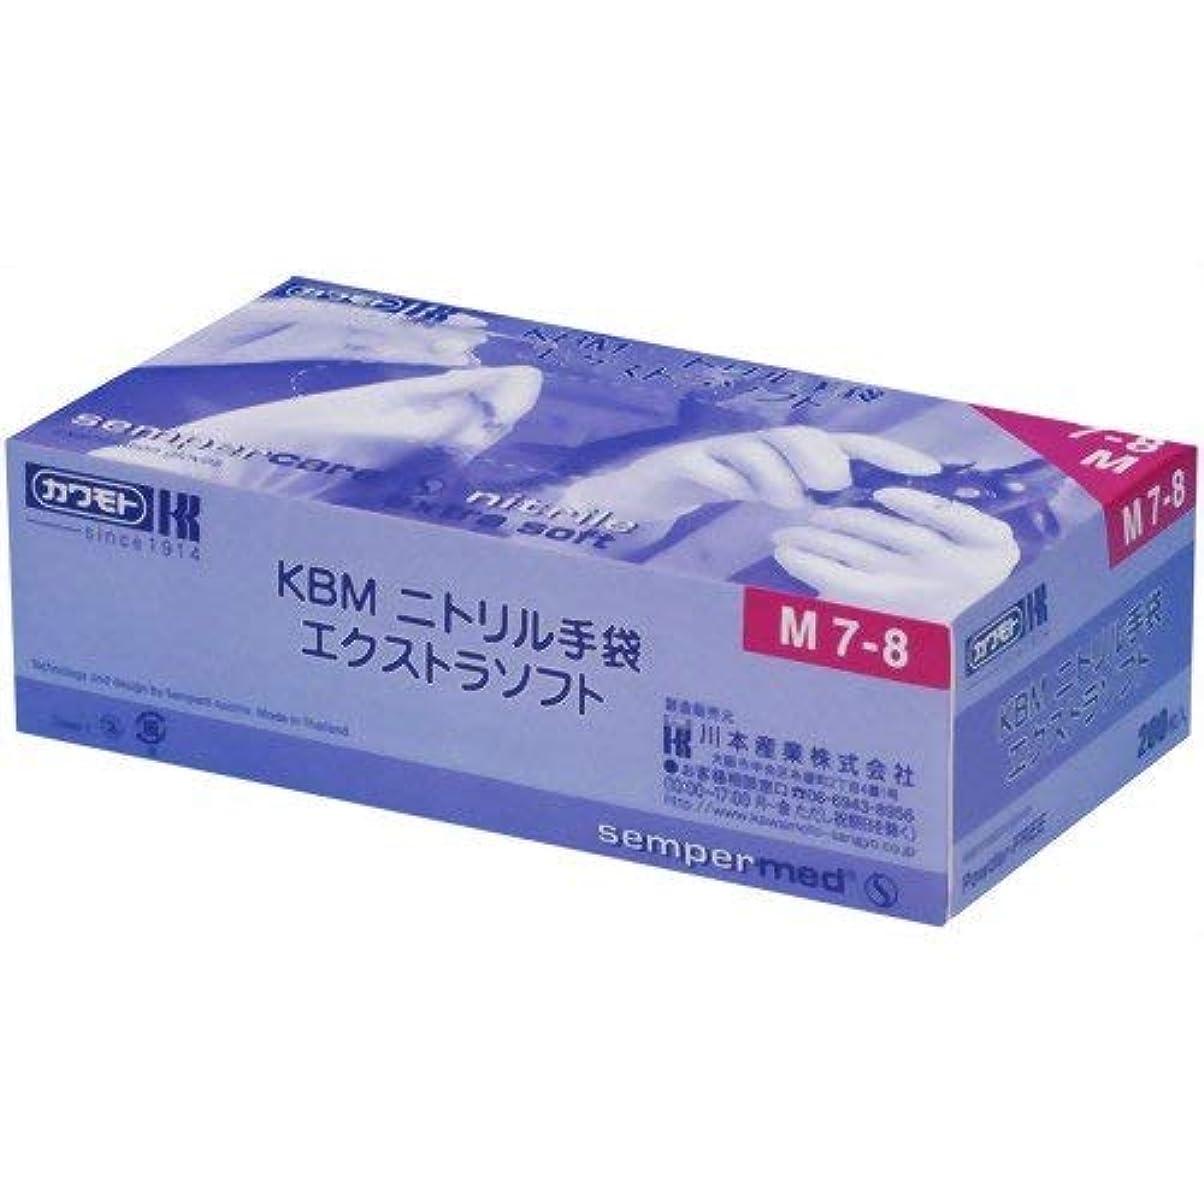 くつろぎまさに不調和川本産業 KBMニトリル手袋 エクストラソフト L 200枚入 × 24個セット